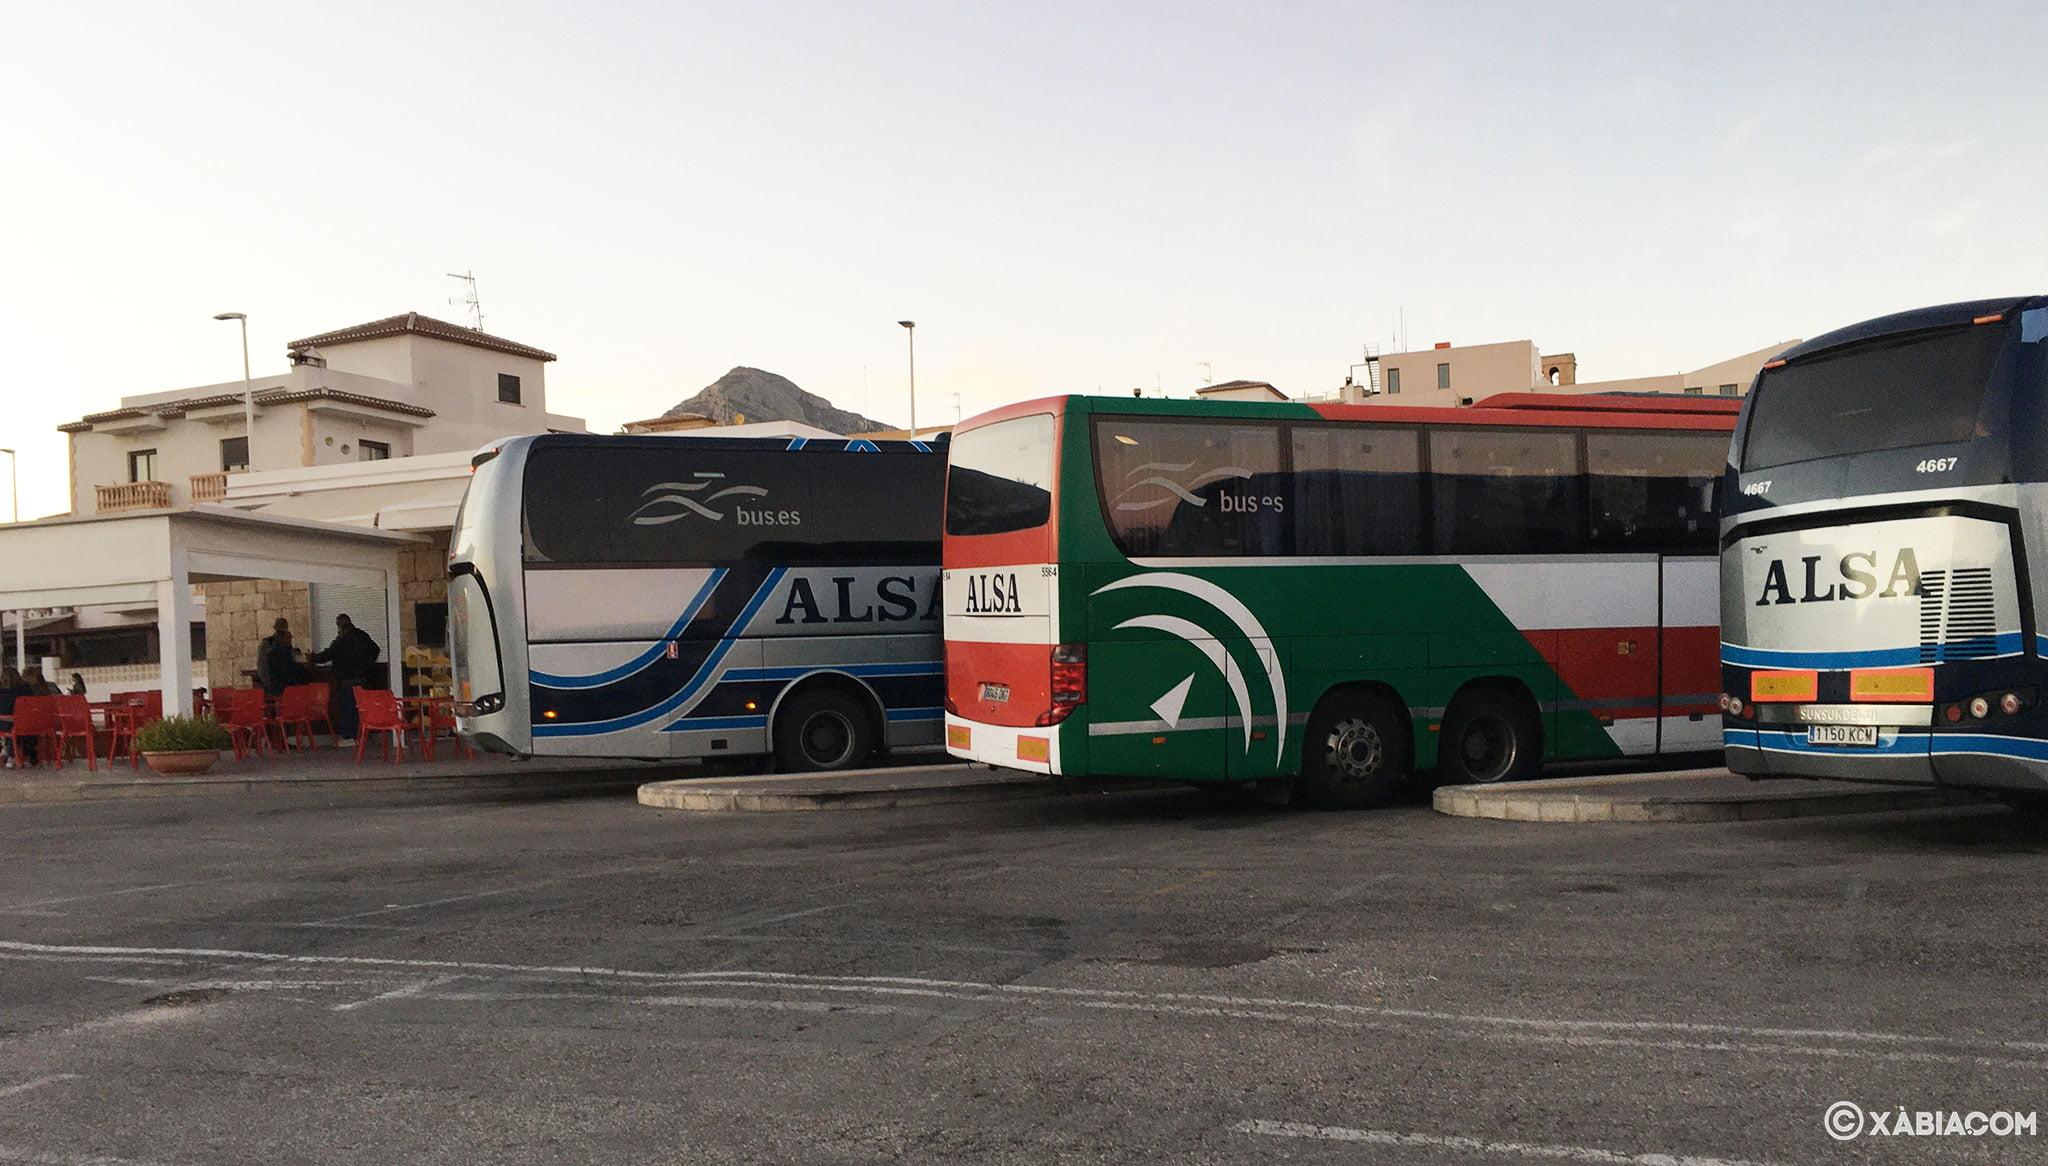 Autobuses aparcados en la estación de autobuses de Jávea